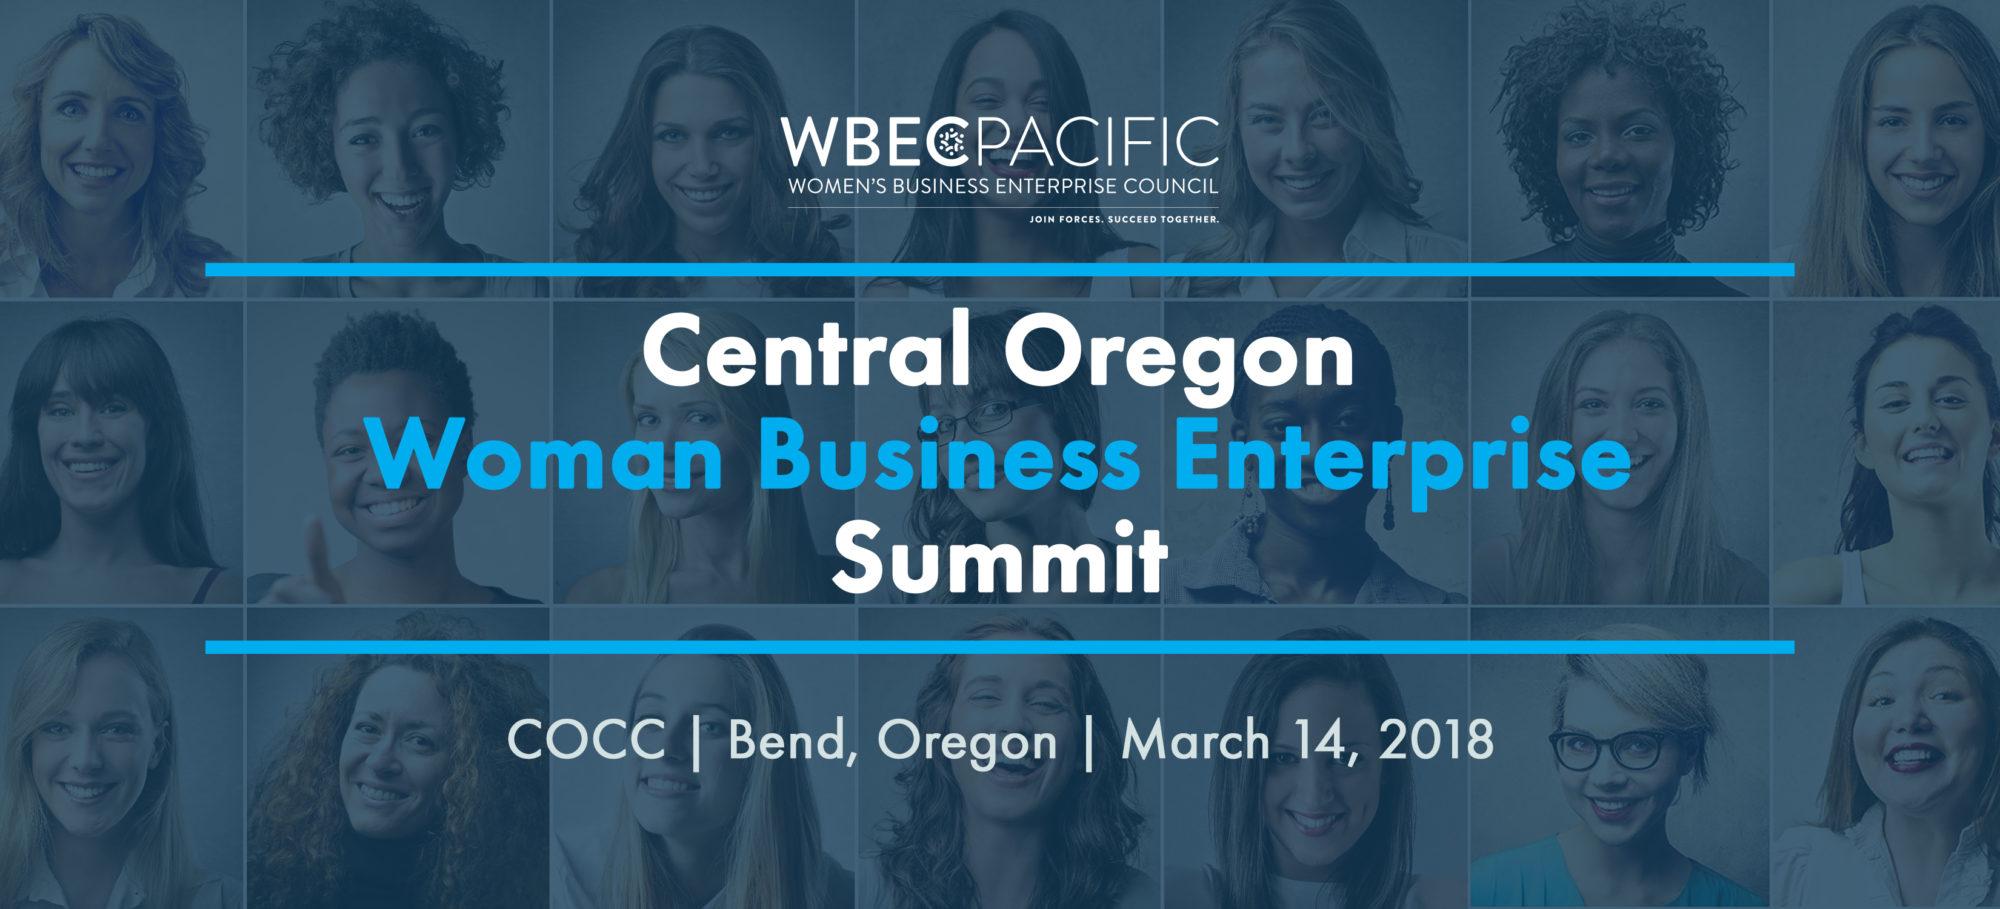 Central Oregon Women Business Enterprise Summit